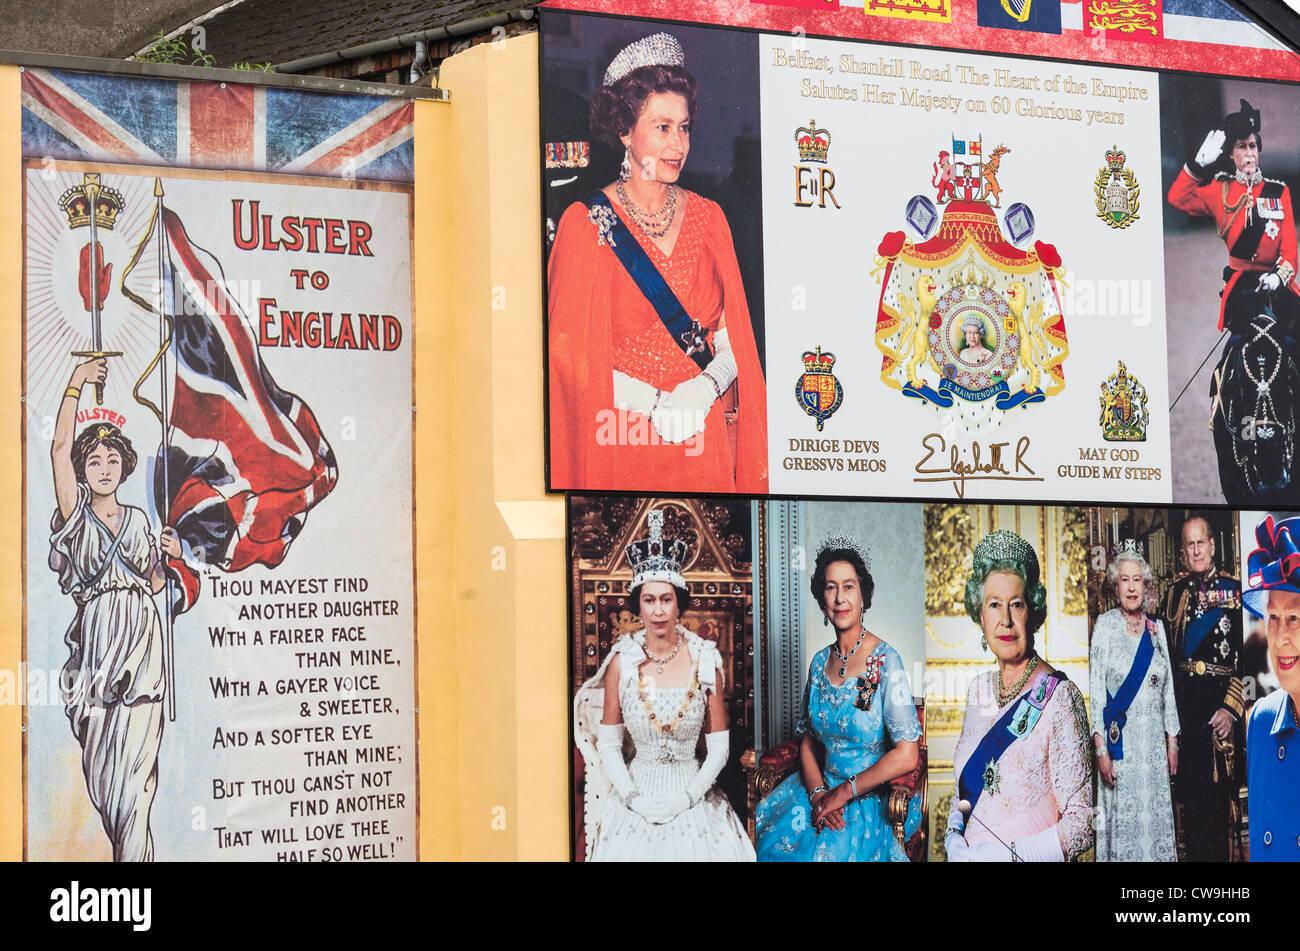 Tributes to Queen Elizabeth II on Shankill road, Belfast in Northern Ireland. - Stock Image